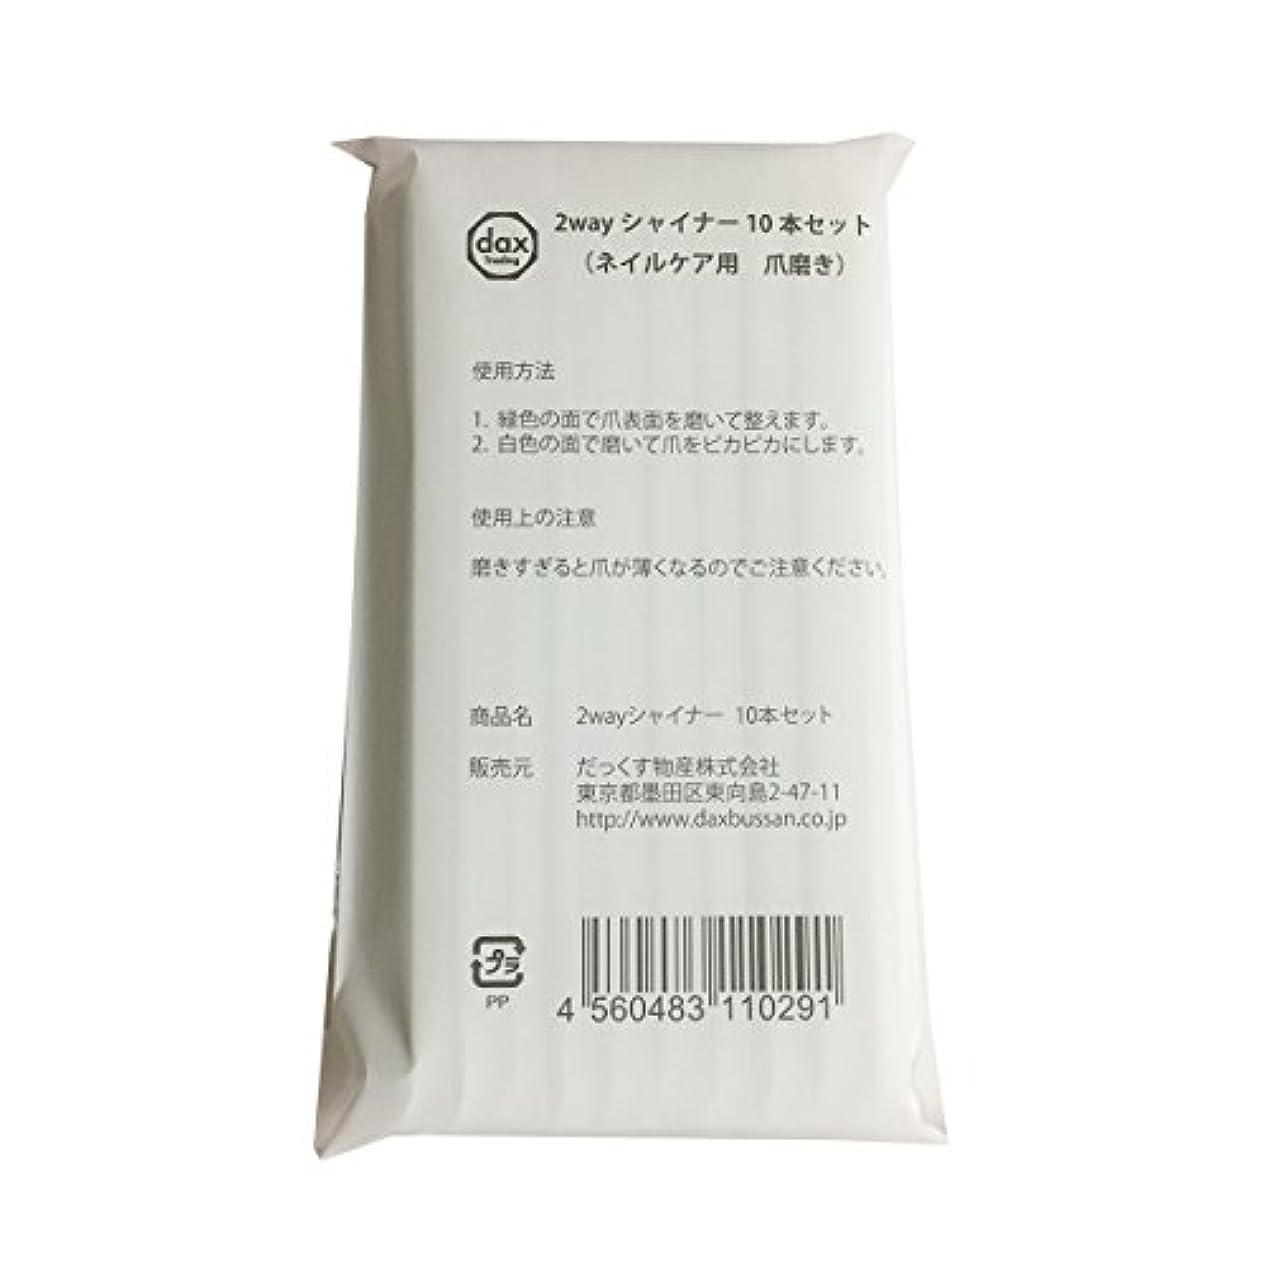 バラ色段階ドキドキ【だっくす物産】2wayシャイナー 10本セット (ネイルケア用 爪磨き)